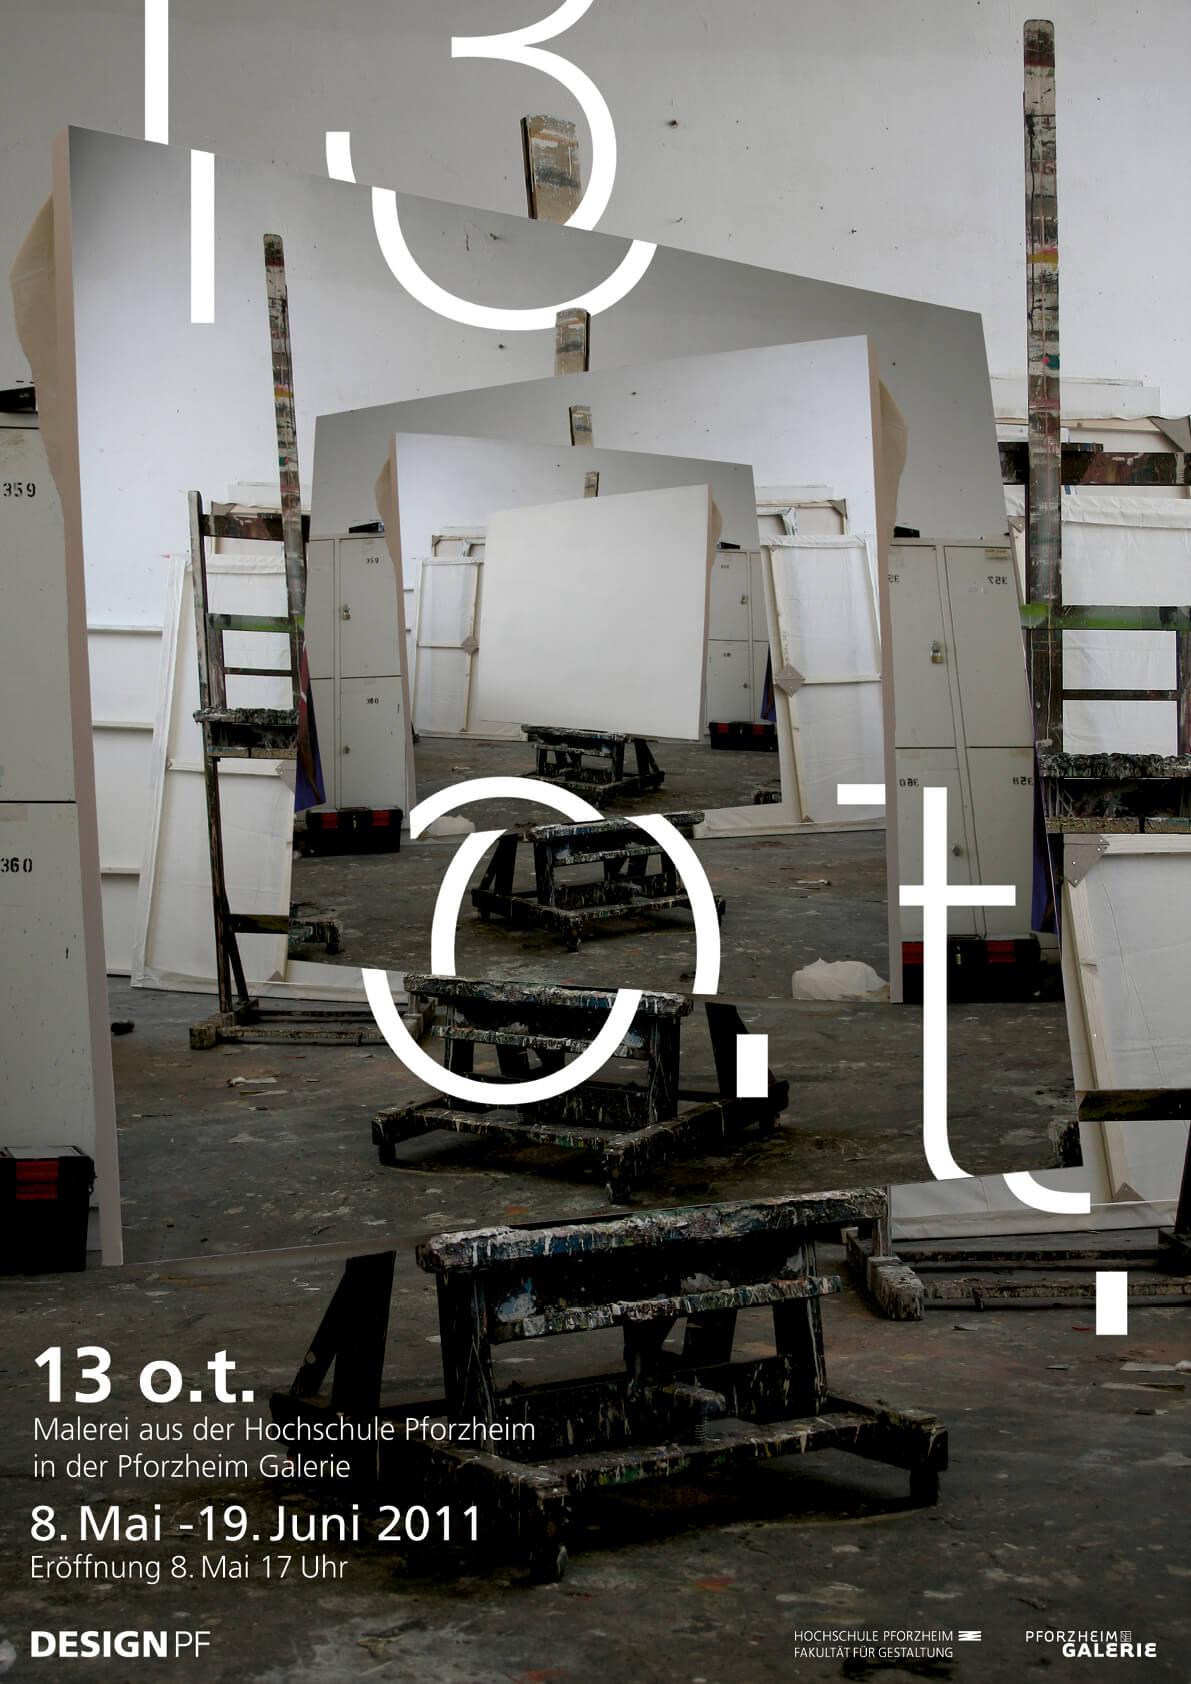 grafikdesign-janis-weidner-lindau-bodensee-plakat-13ot